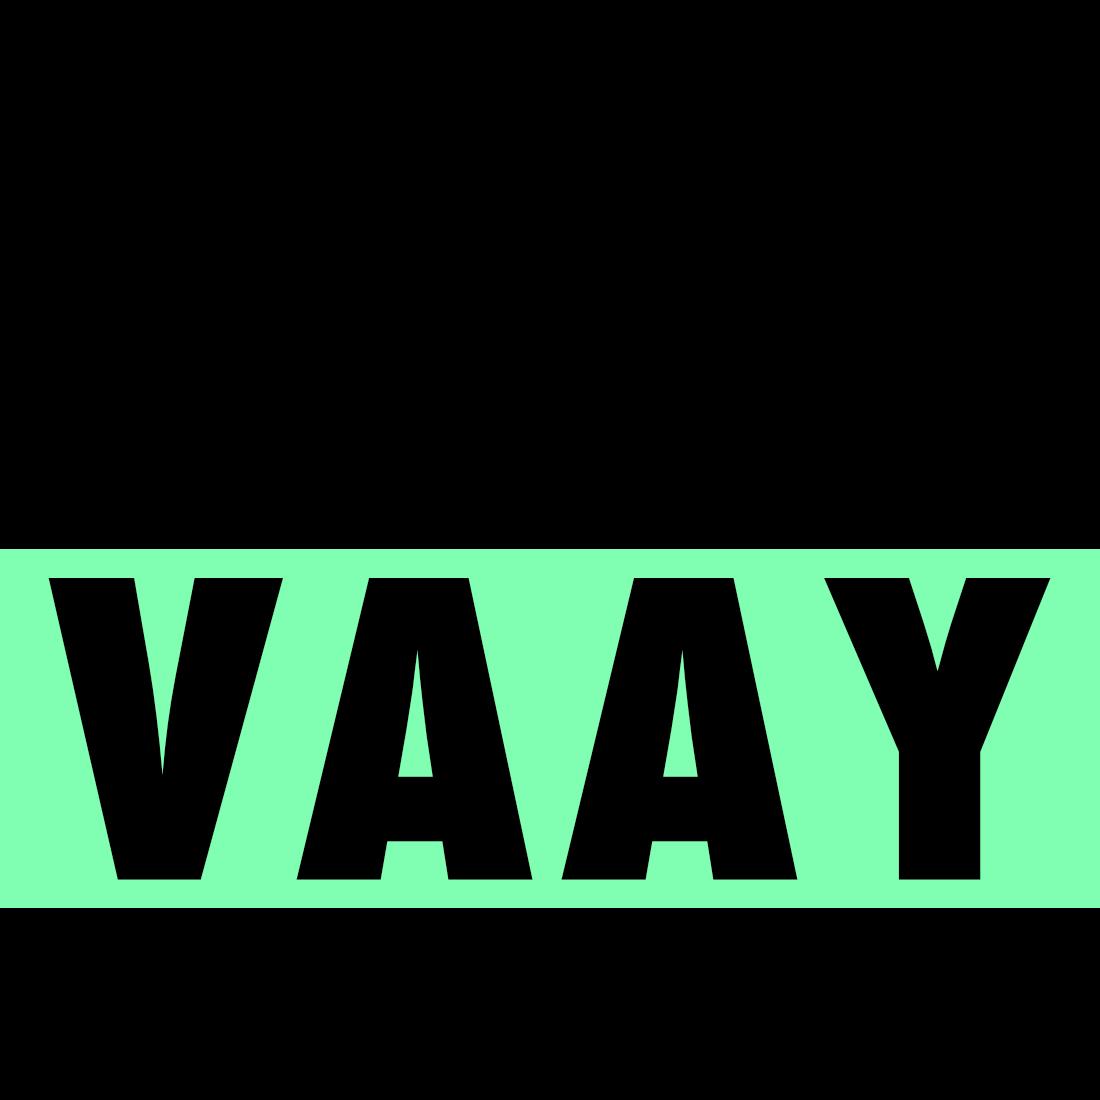 CARE VAAY